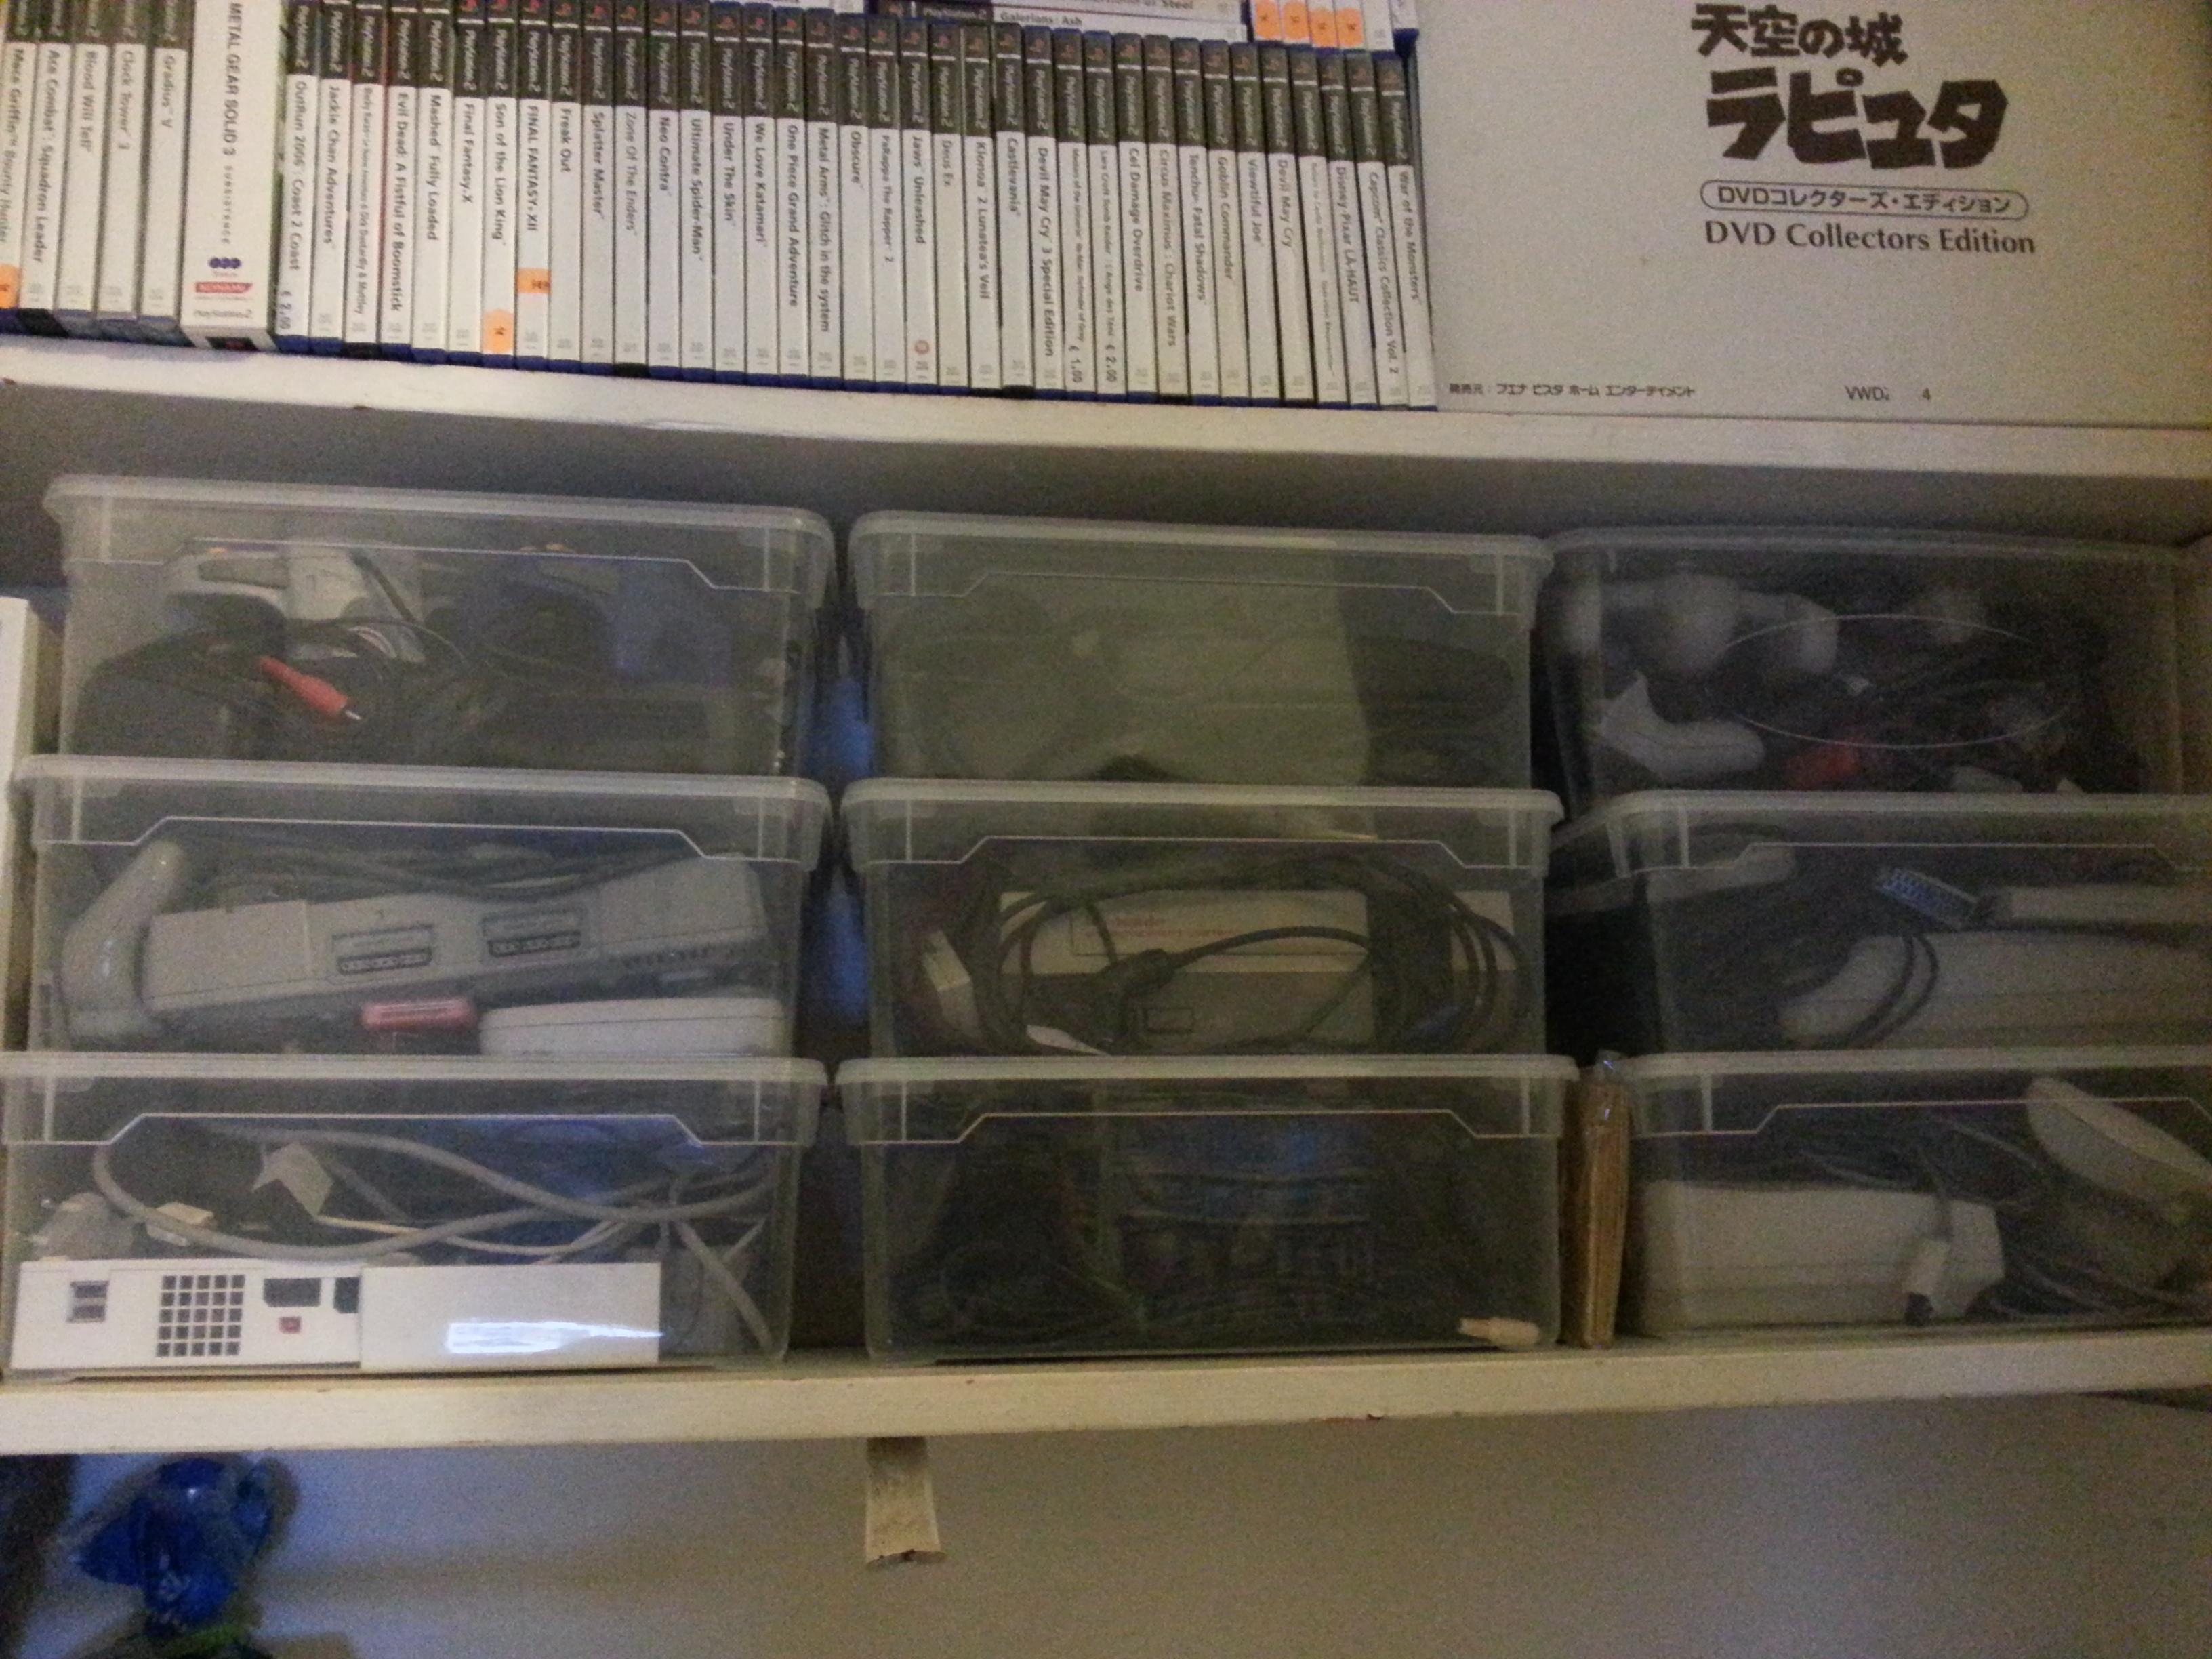 Comment rangez vous vos câbles de console et manettes ? 81734720160209165356